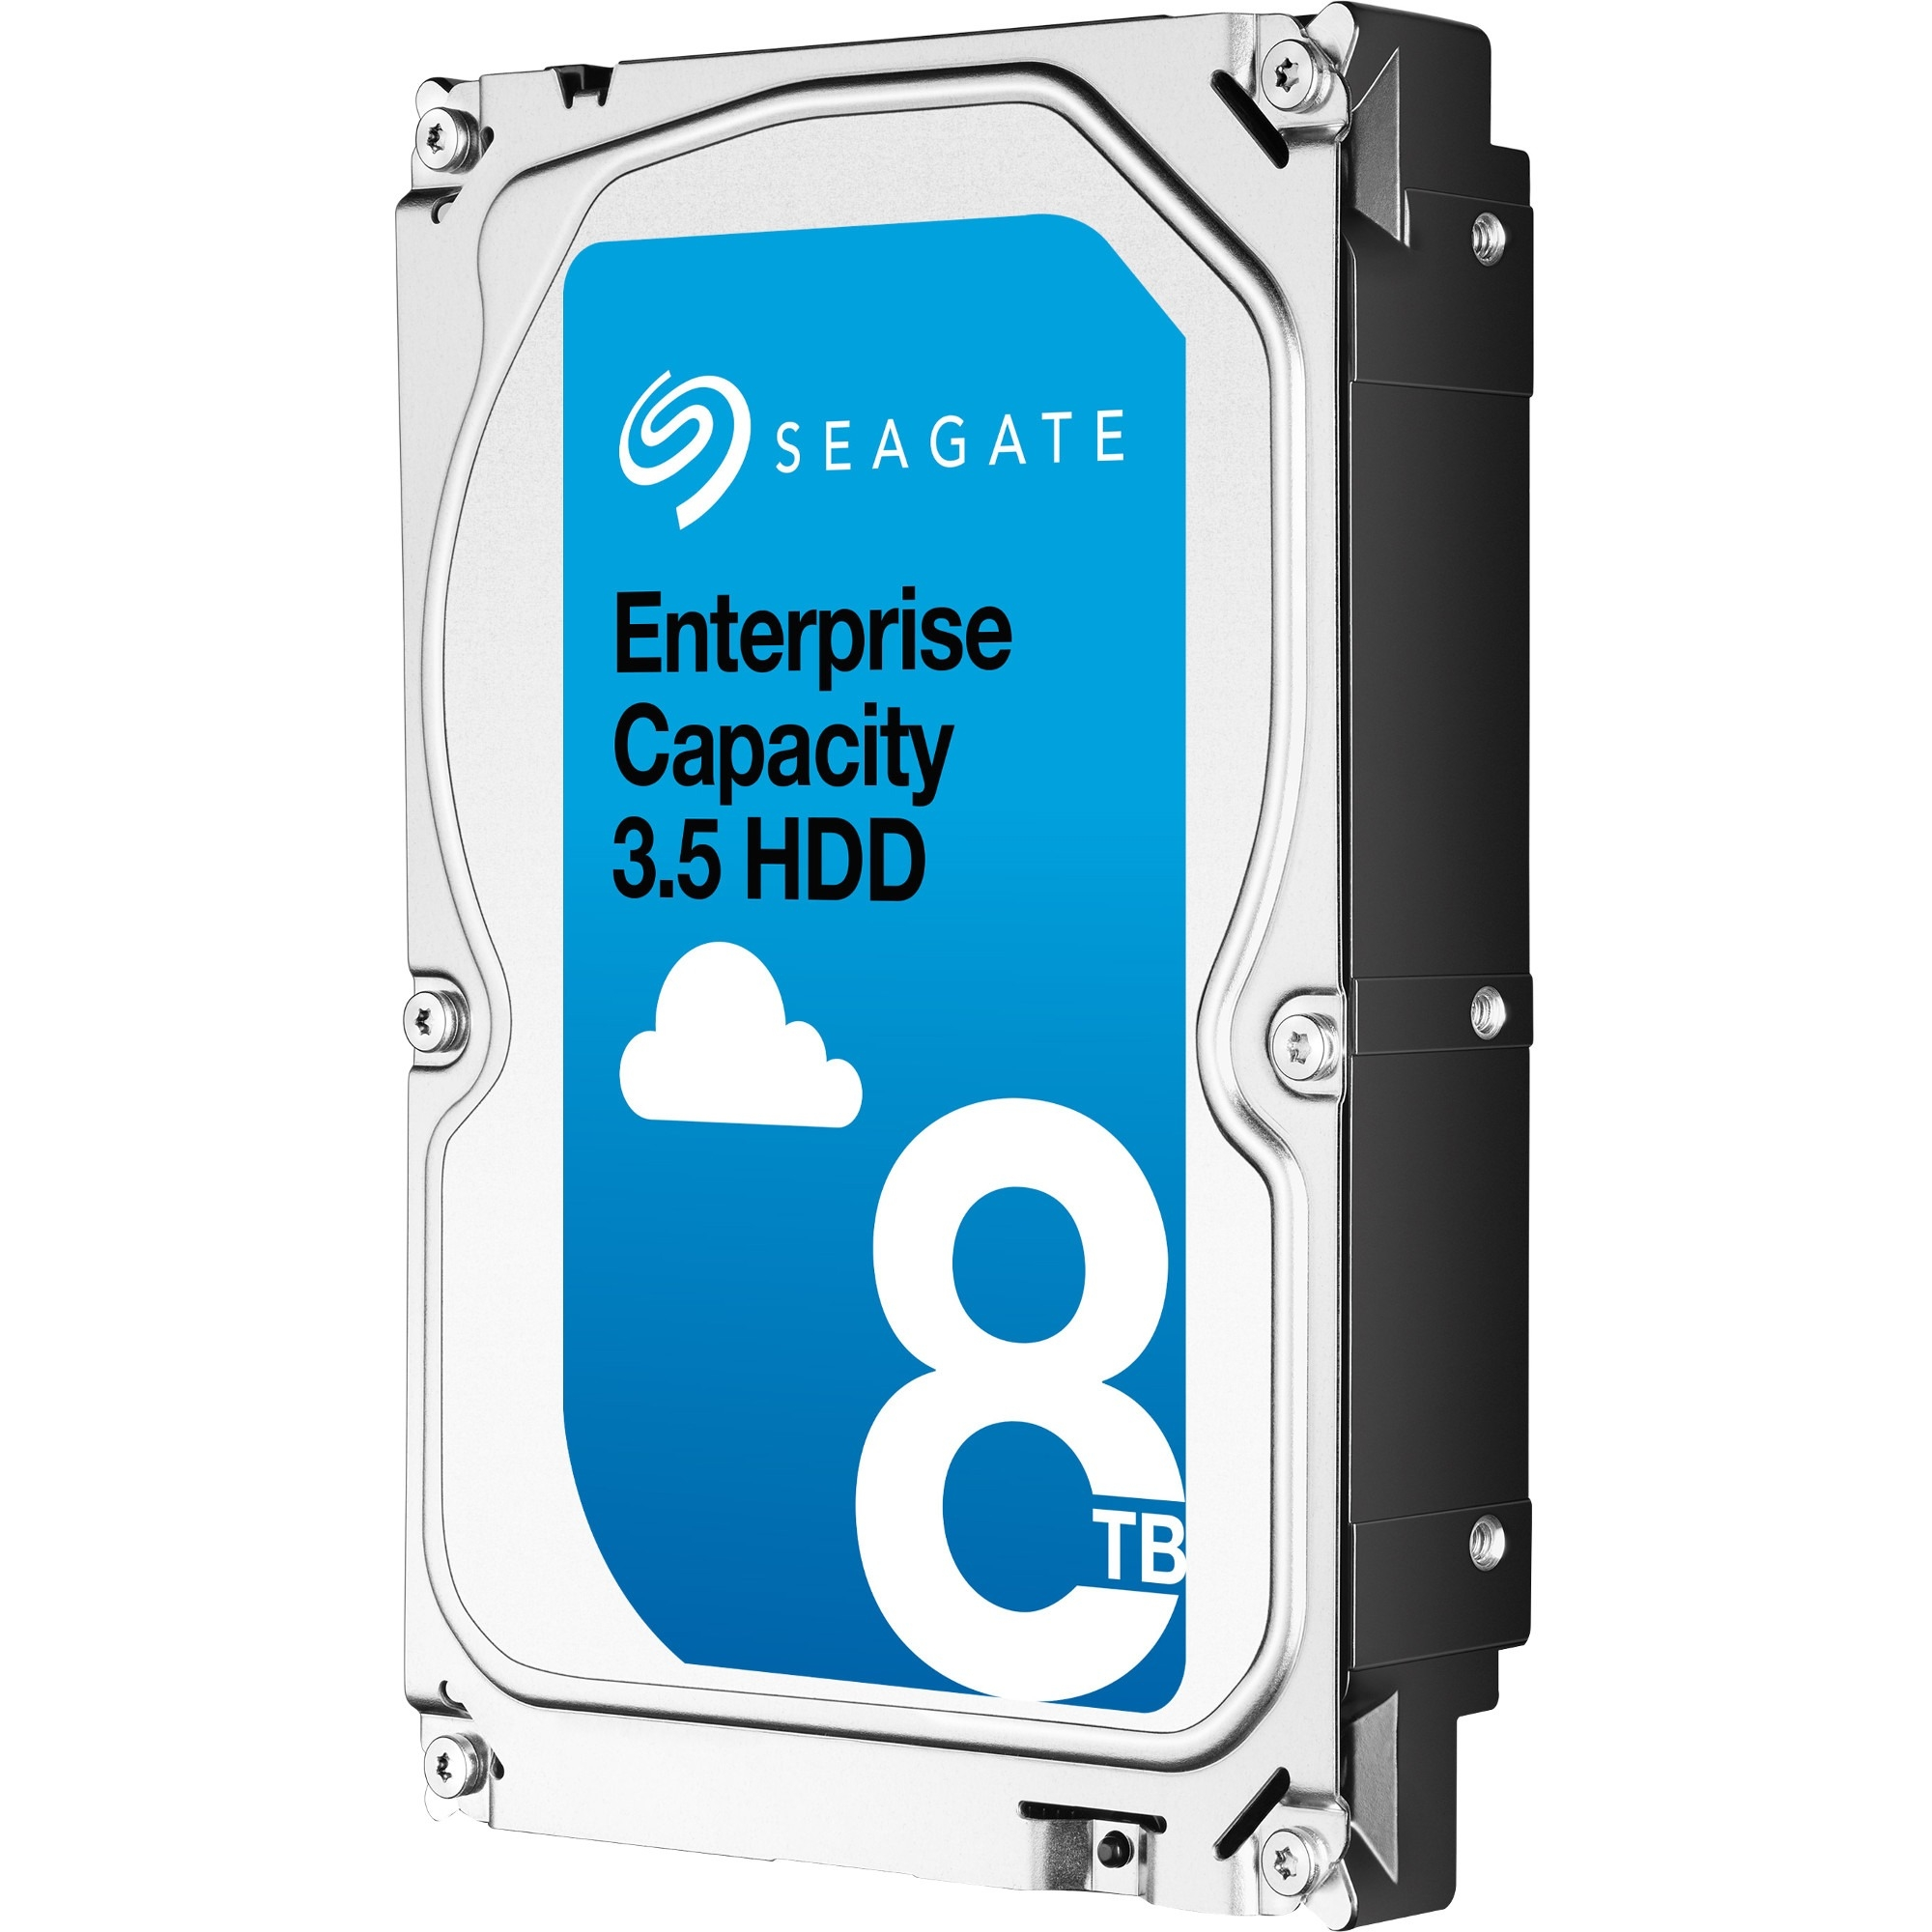 20PK 8TB EXOS 7E8 ENT CAP 3.5 HDD SATA 7200 RPM 256MB 3.5IN